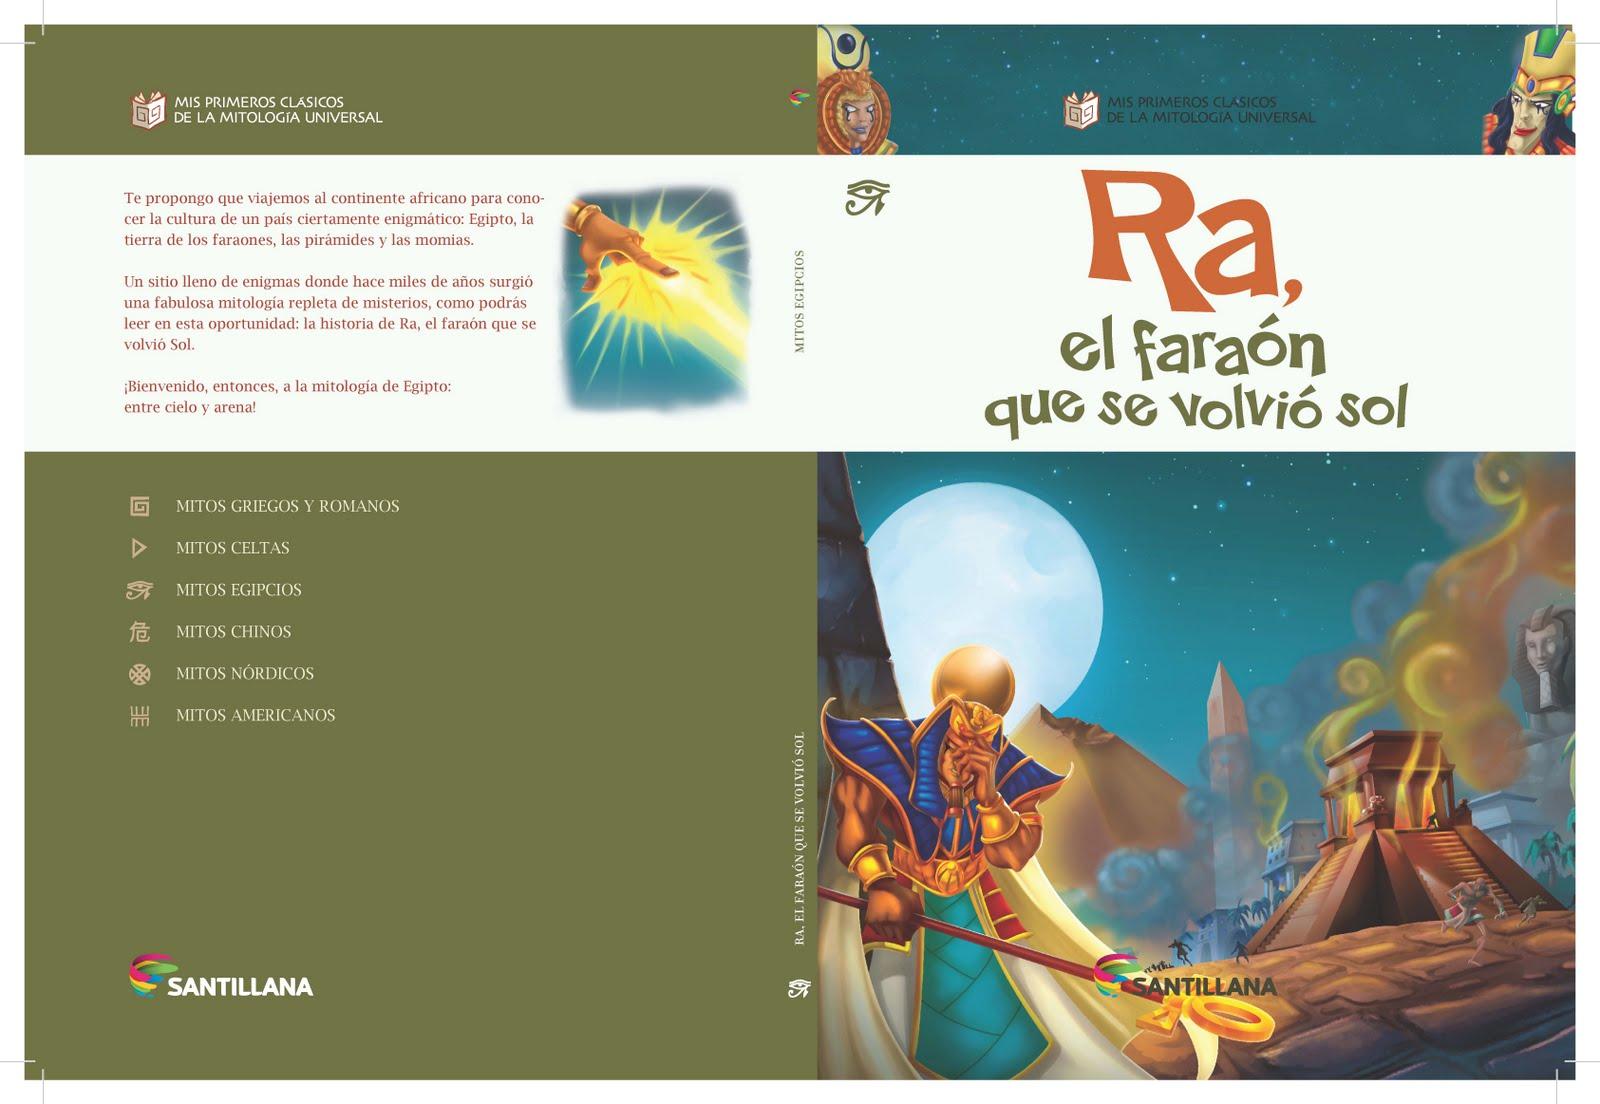 """Colección mitologia diario """"La Nación"""" Santillana"""